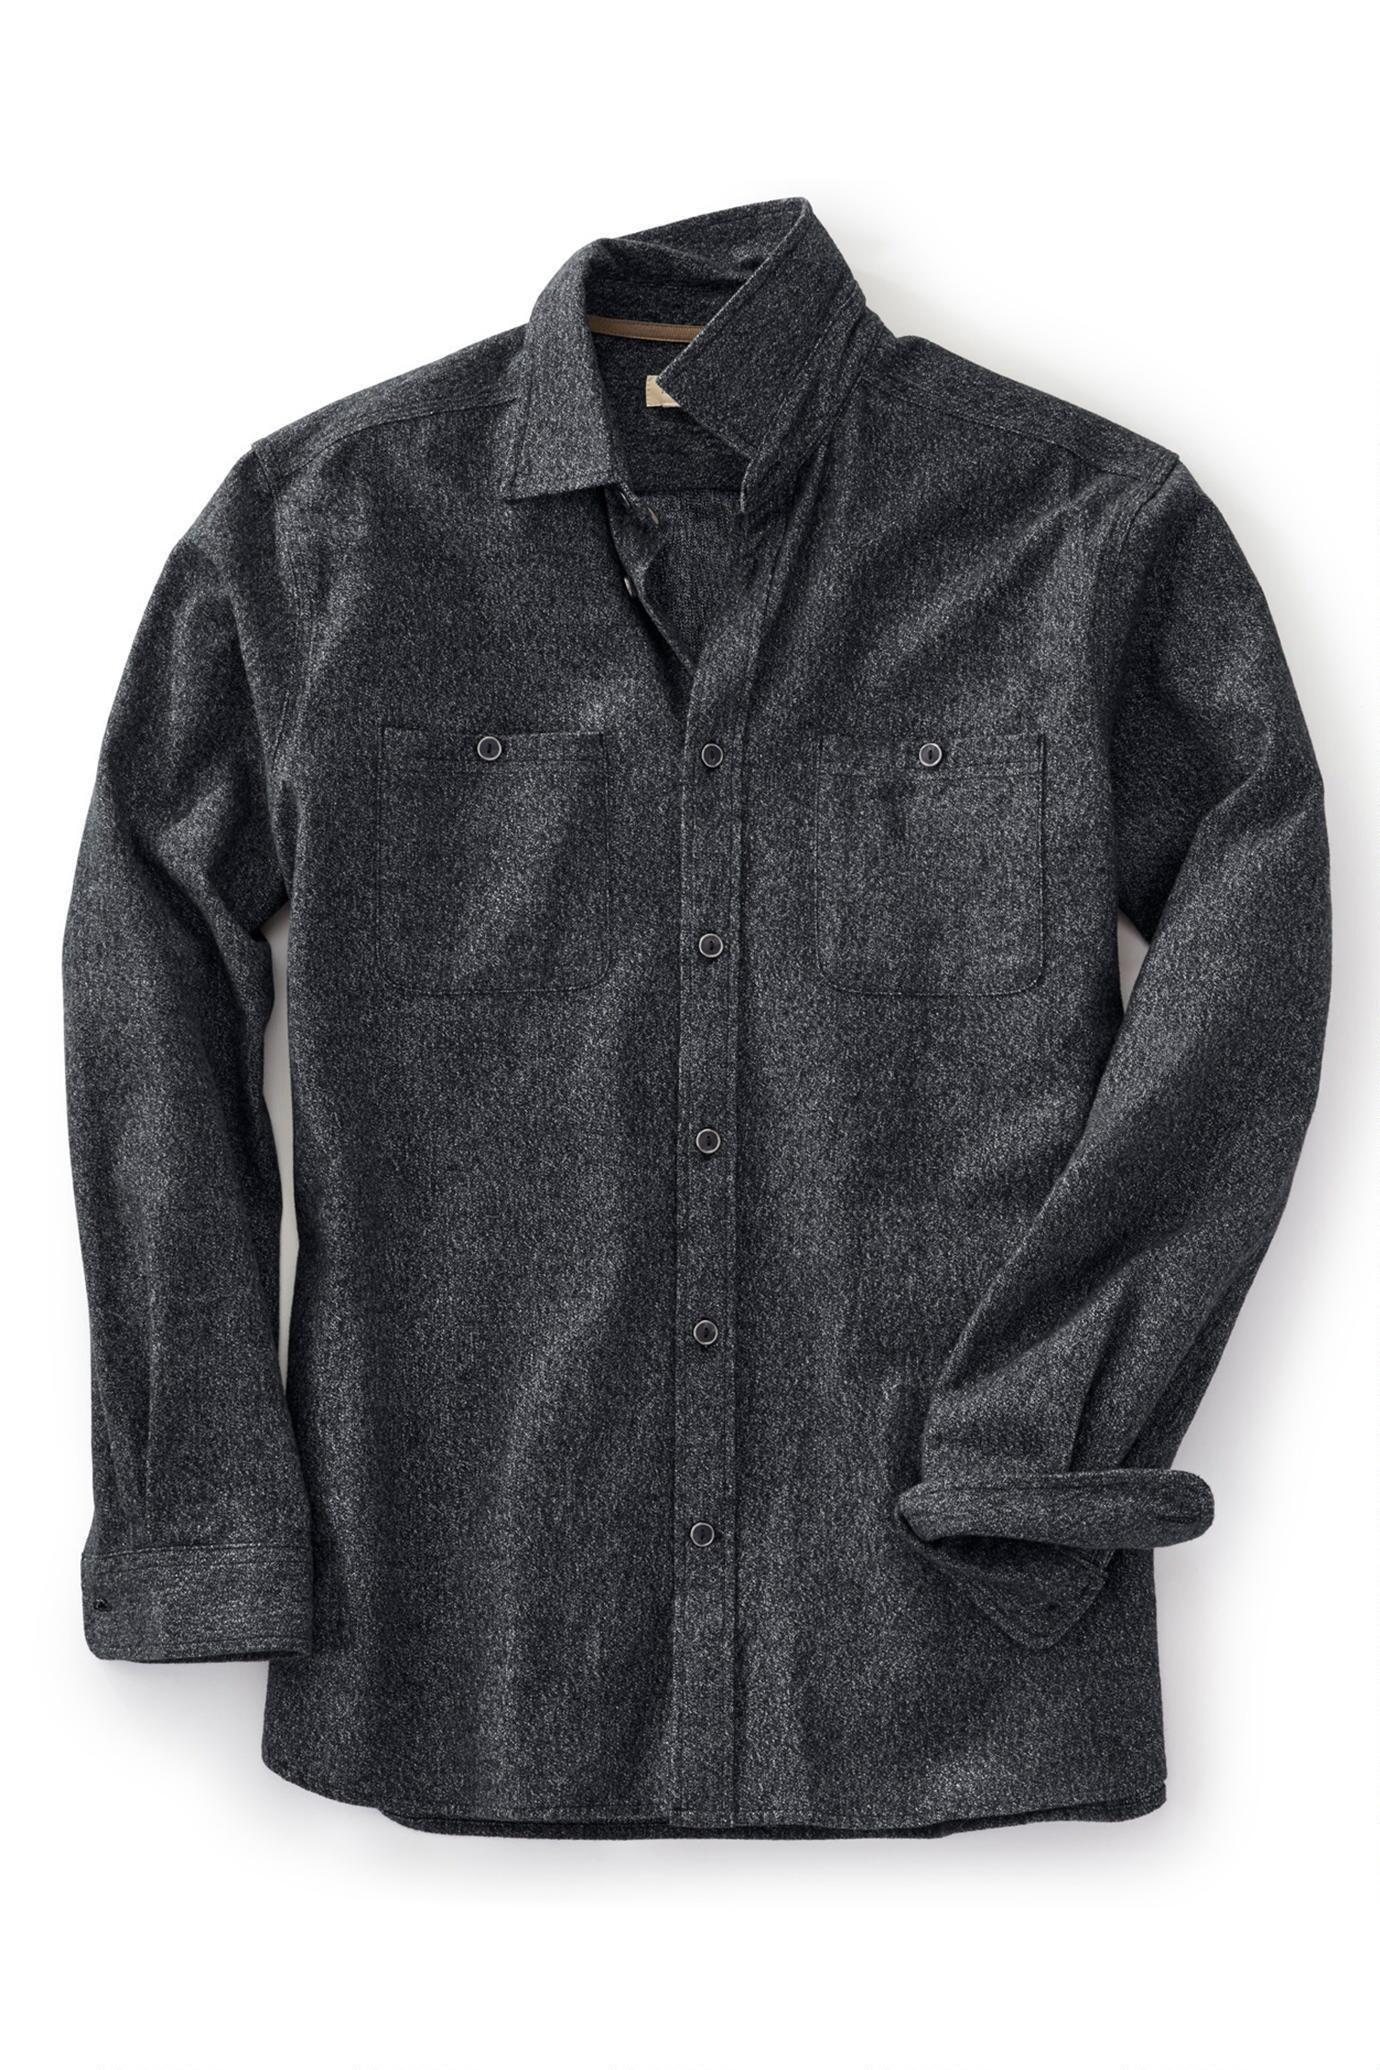 Well Seasoned Flannel Shirt  New Look  Pinterest  Flannel shirt